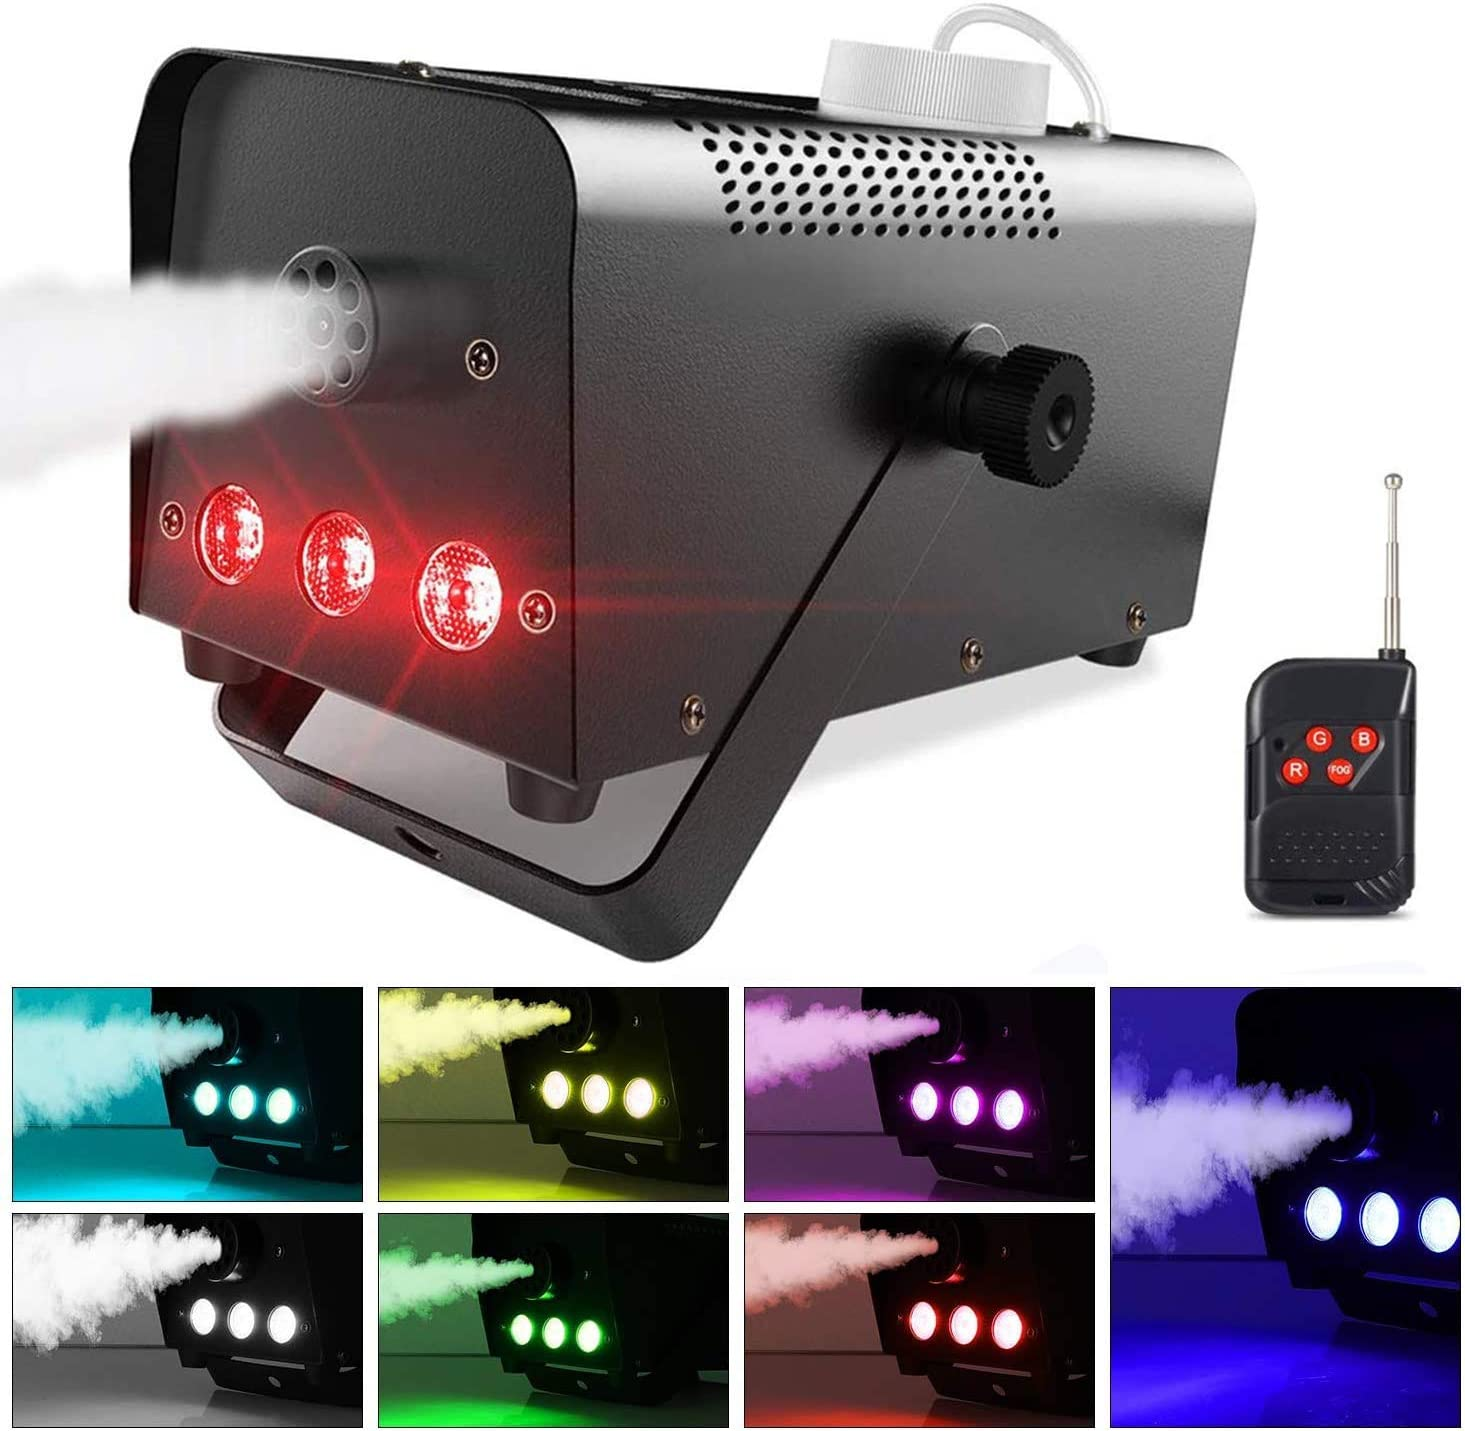 Máquina de Humo con 7 Colores LED Luces Theefun Máquina de CO2 Portátil Máquina de Niebla con Control Remoto para Fiesta Matrimonio Cumpleaños Fiesta Partido Teatro Discoteca DJ Escenario